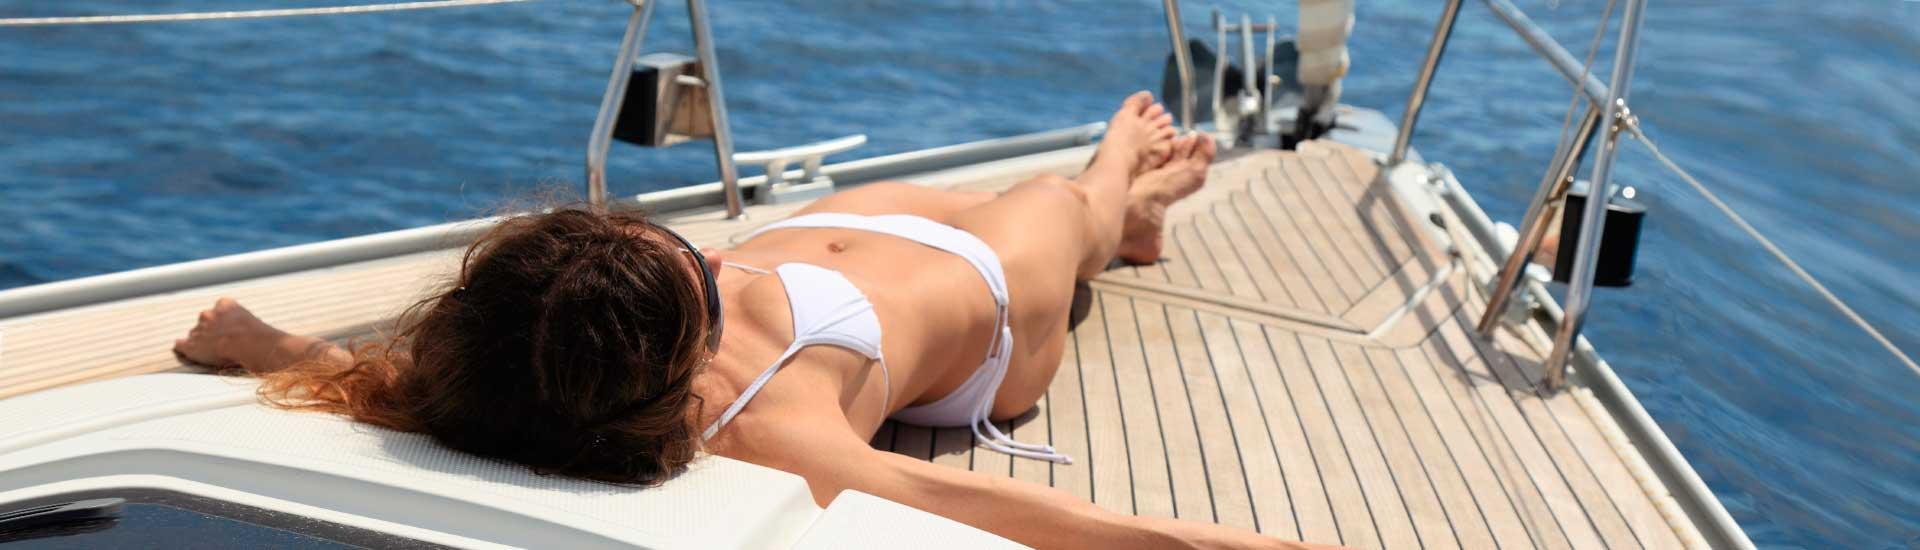 Entspannen Sie sich und genießen Sie Segeln